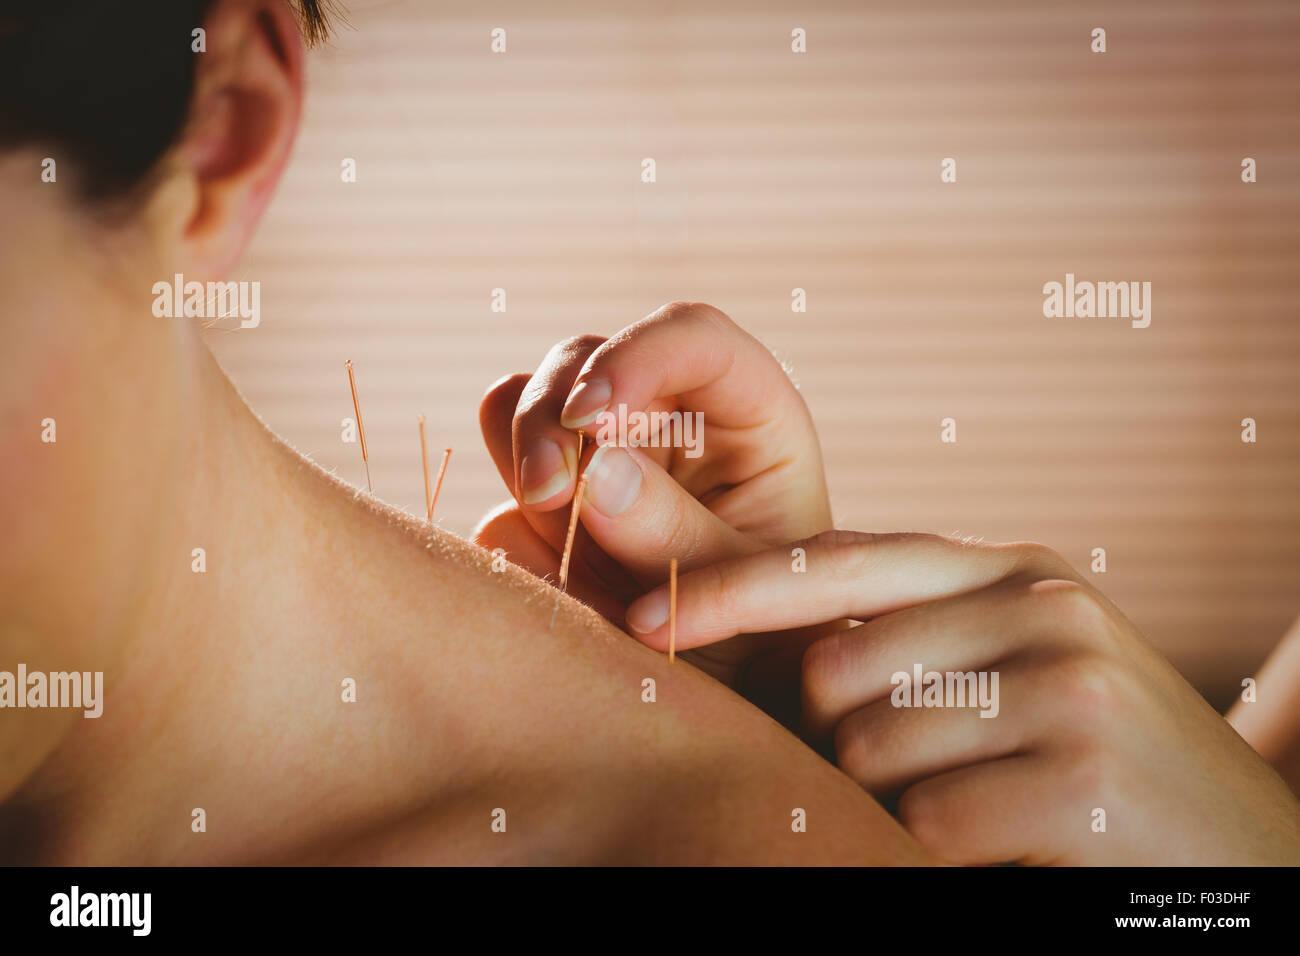 Mujer joven recibiendo tratamiento acupuntura Imagen De Stock